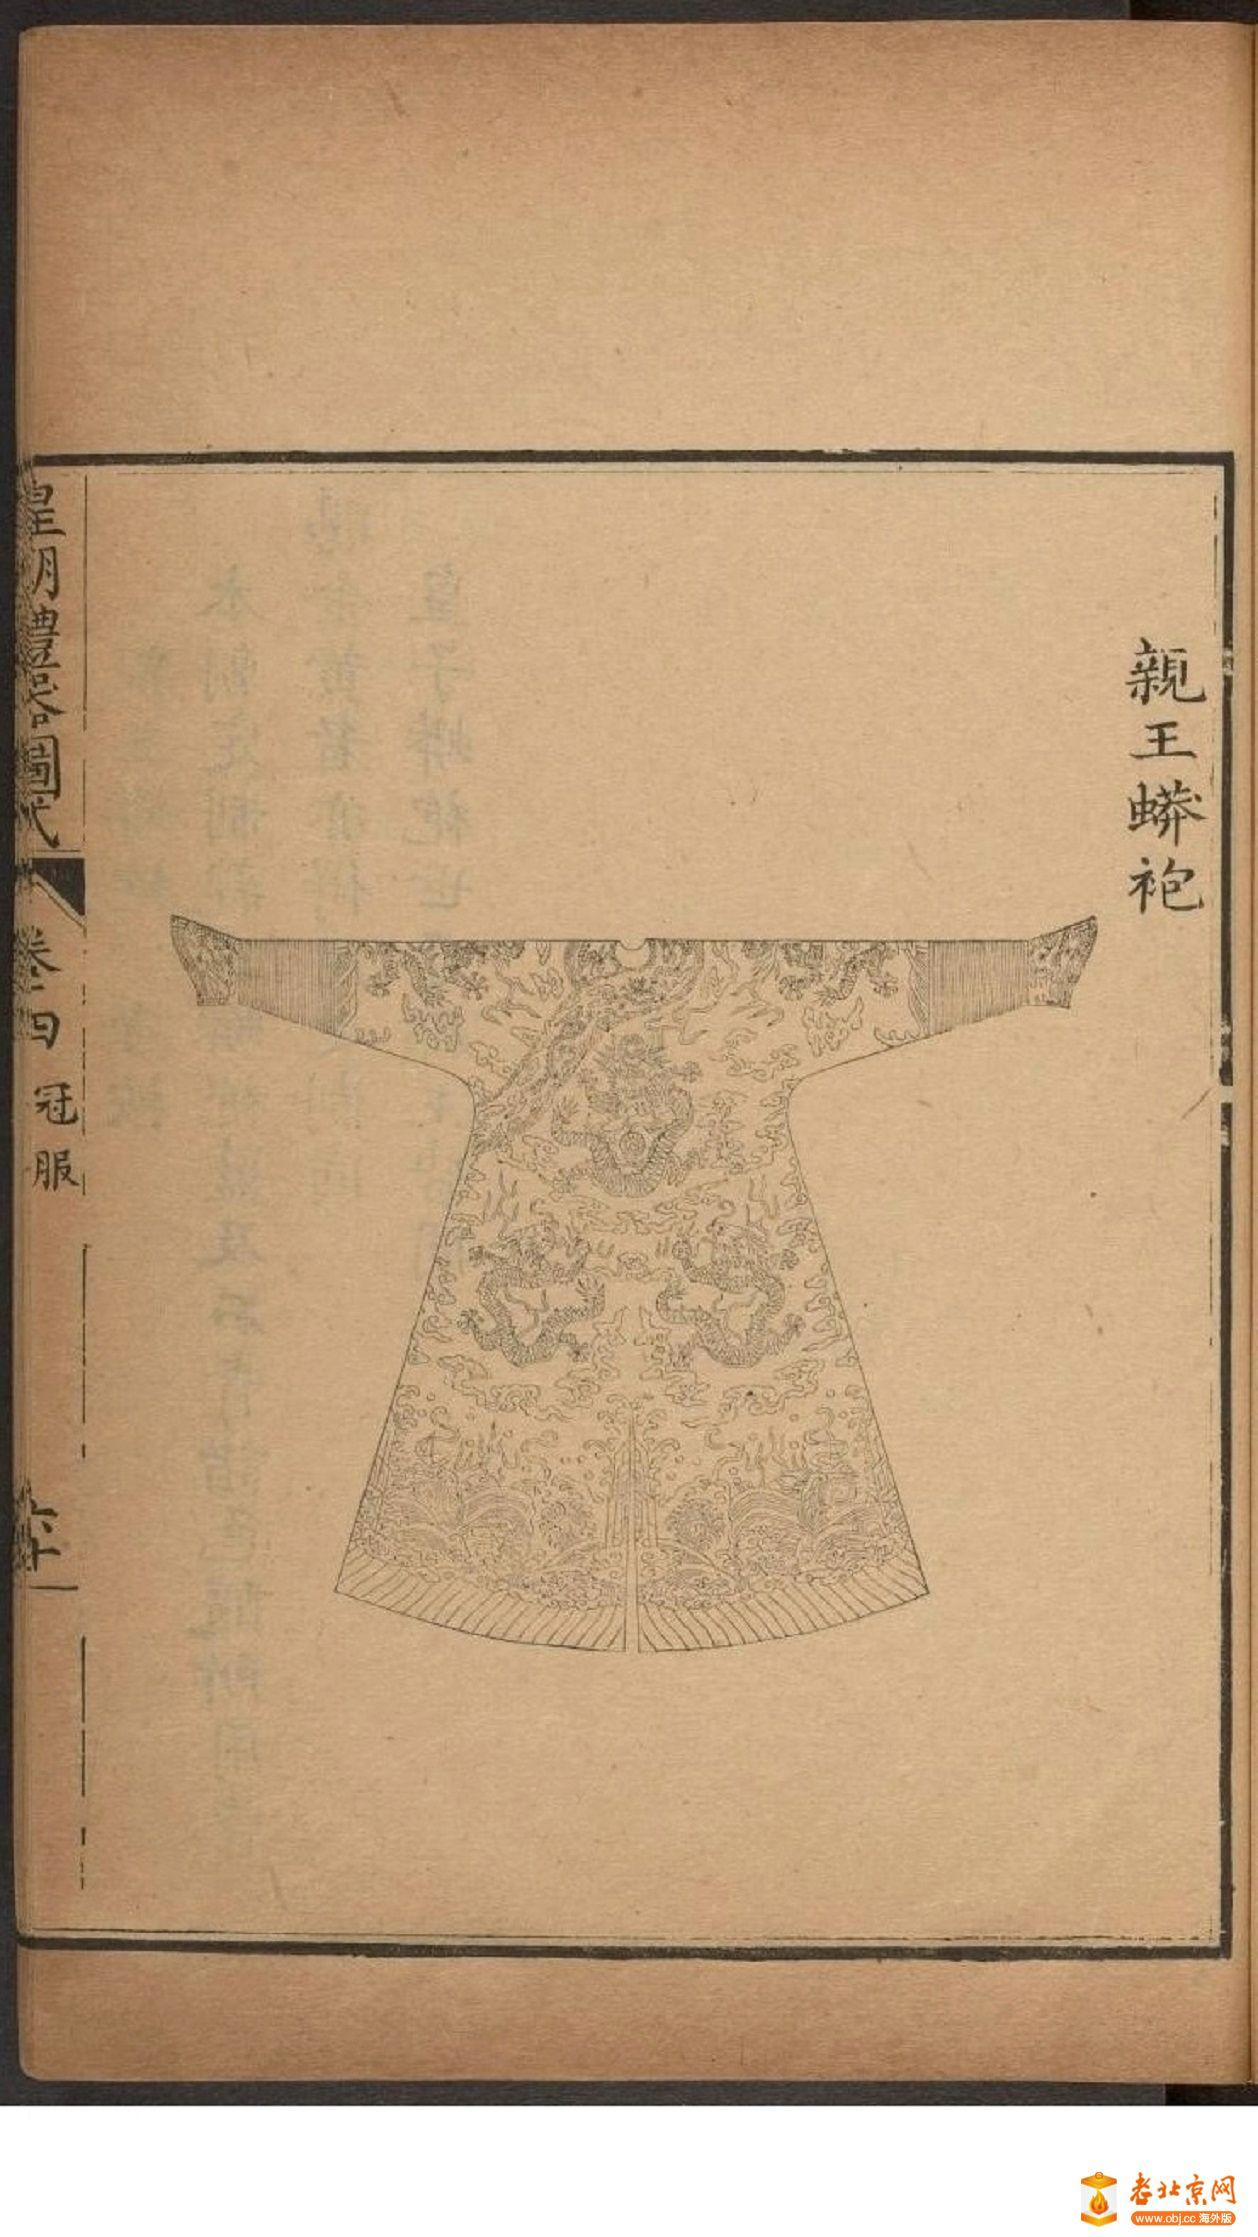 皇朝礼器图式351-400.頁_page42_image1a1.jpg